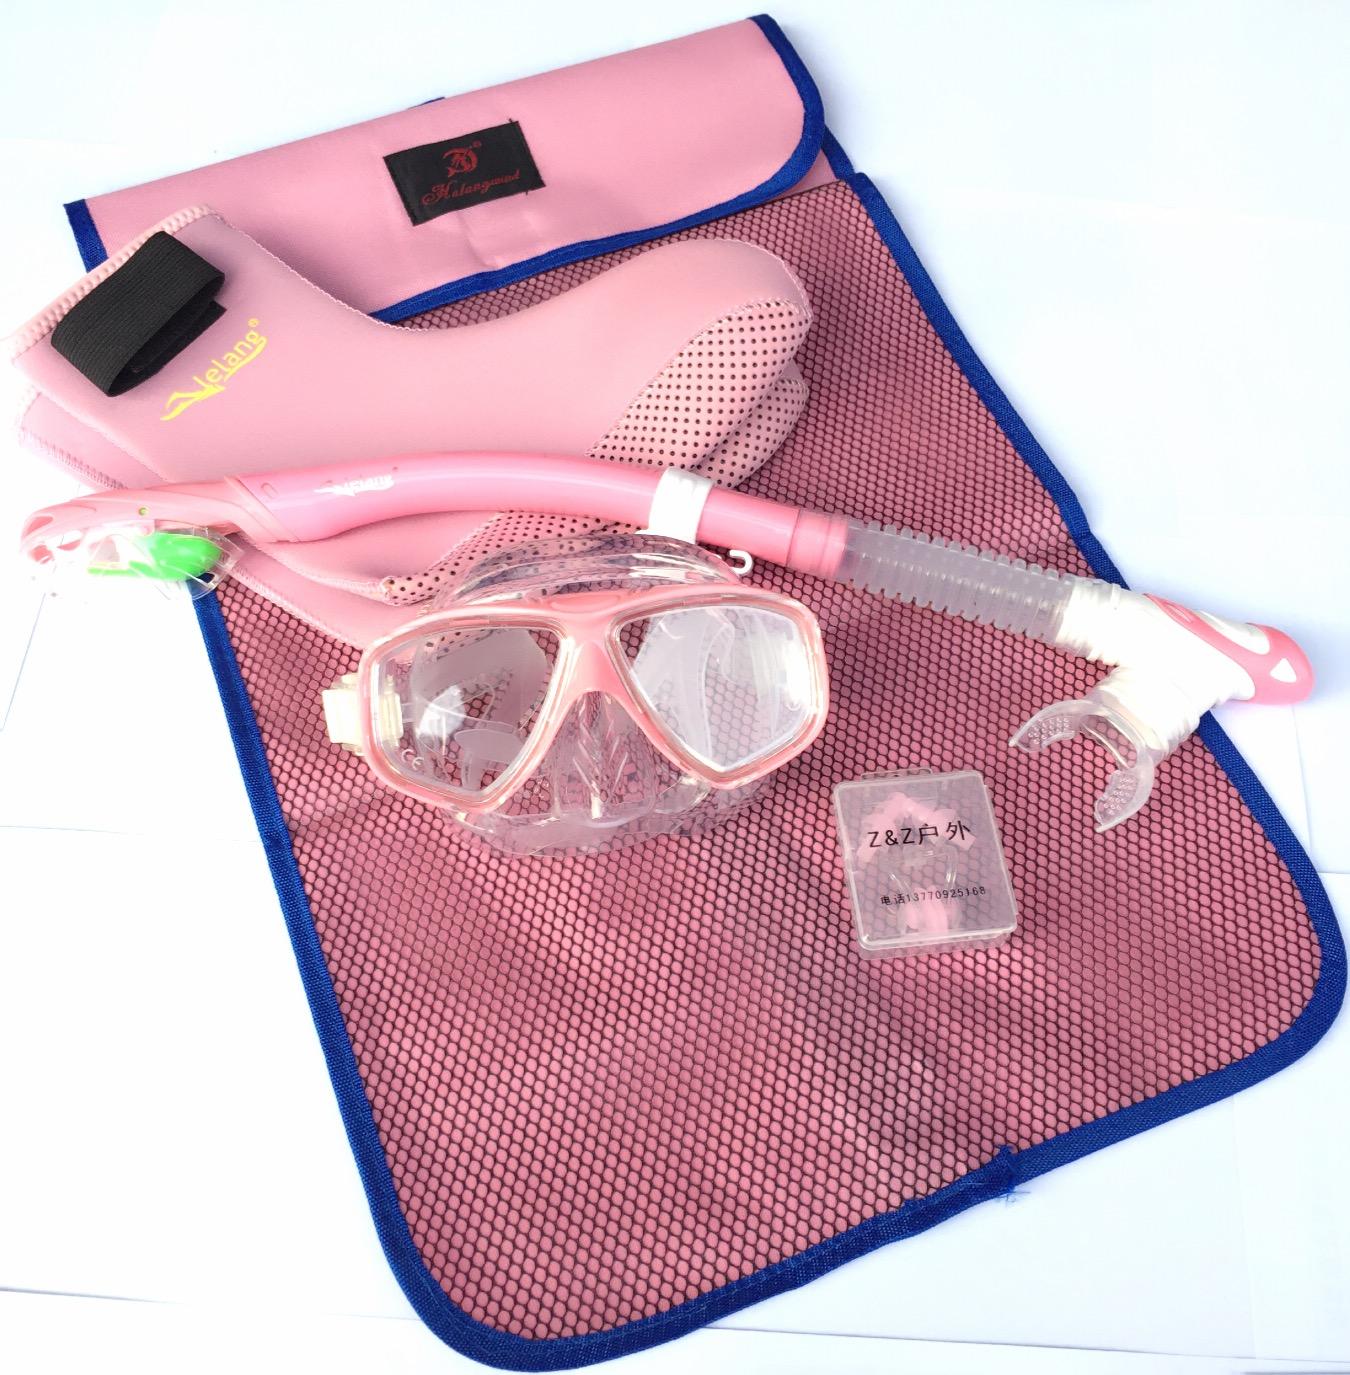 浮潜三宝全干式面镜 呼吸管 套装浮潜装备可配近视